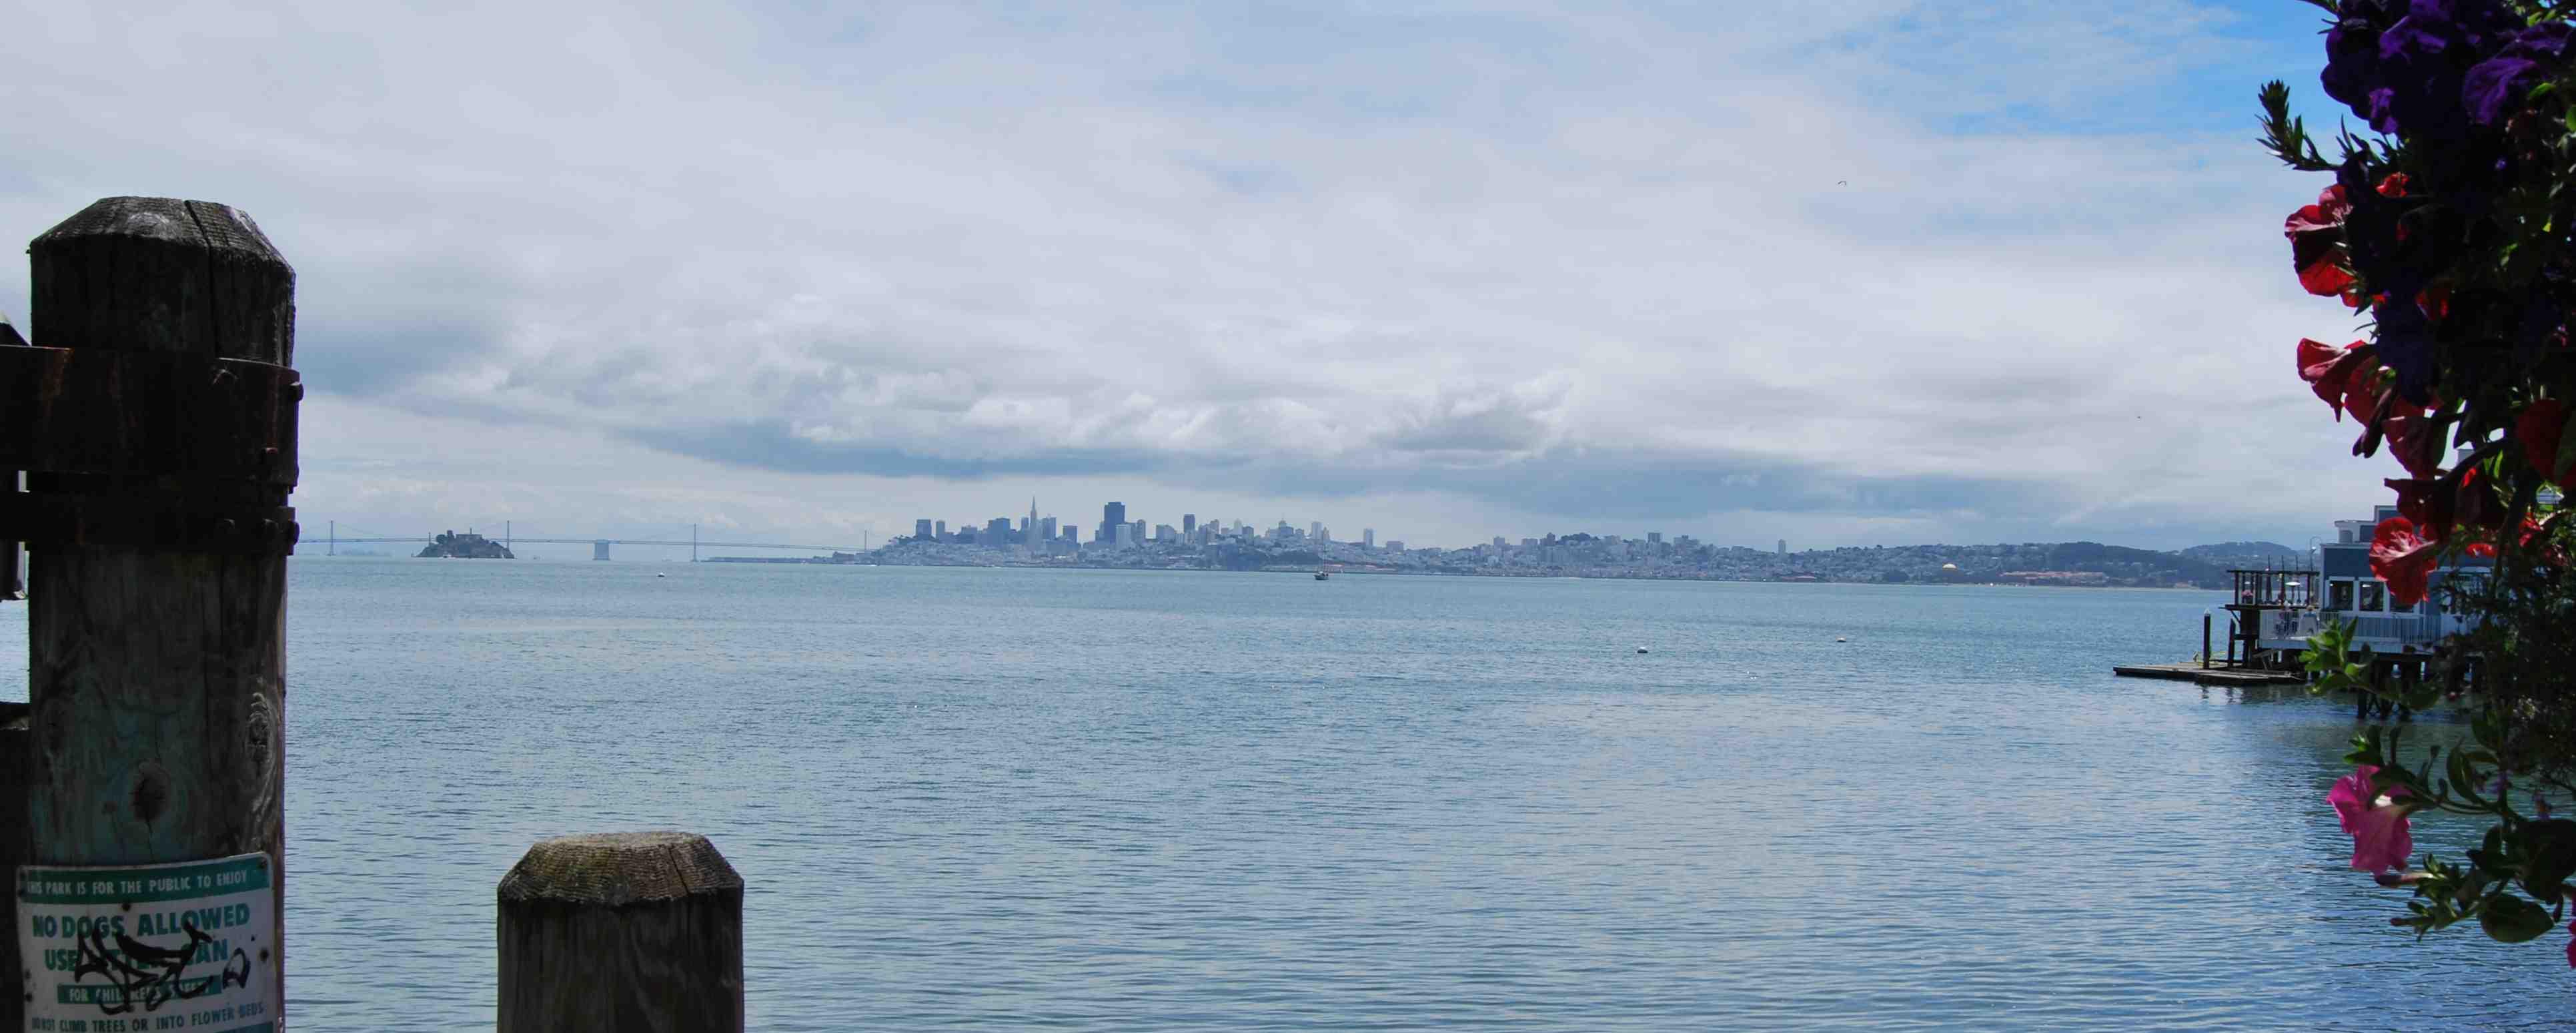 San Francisco, continúa la visita, Mi viaje por los EEUU 2